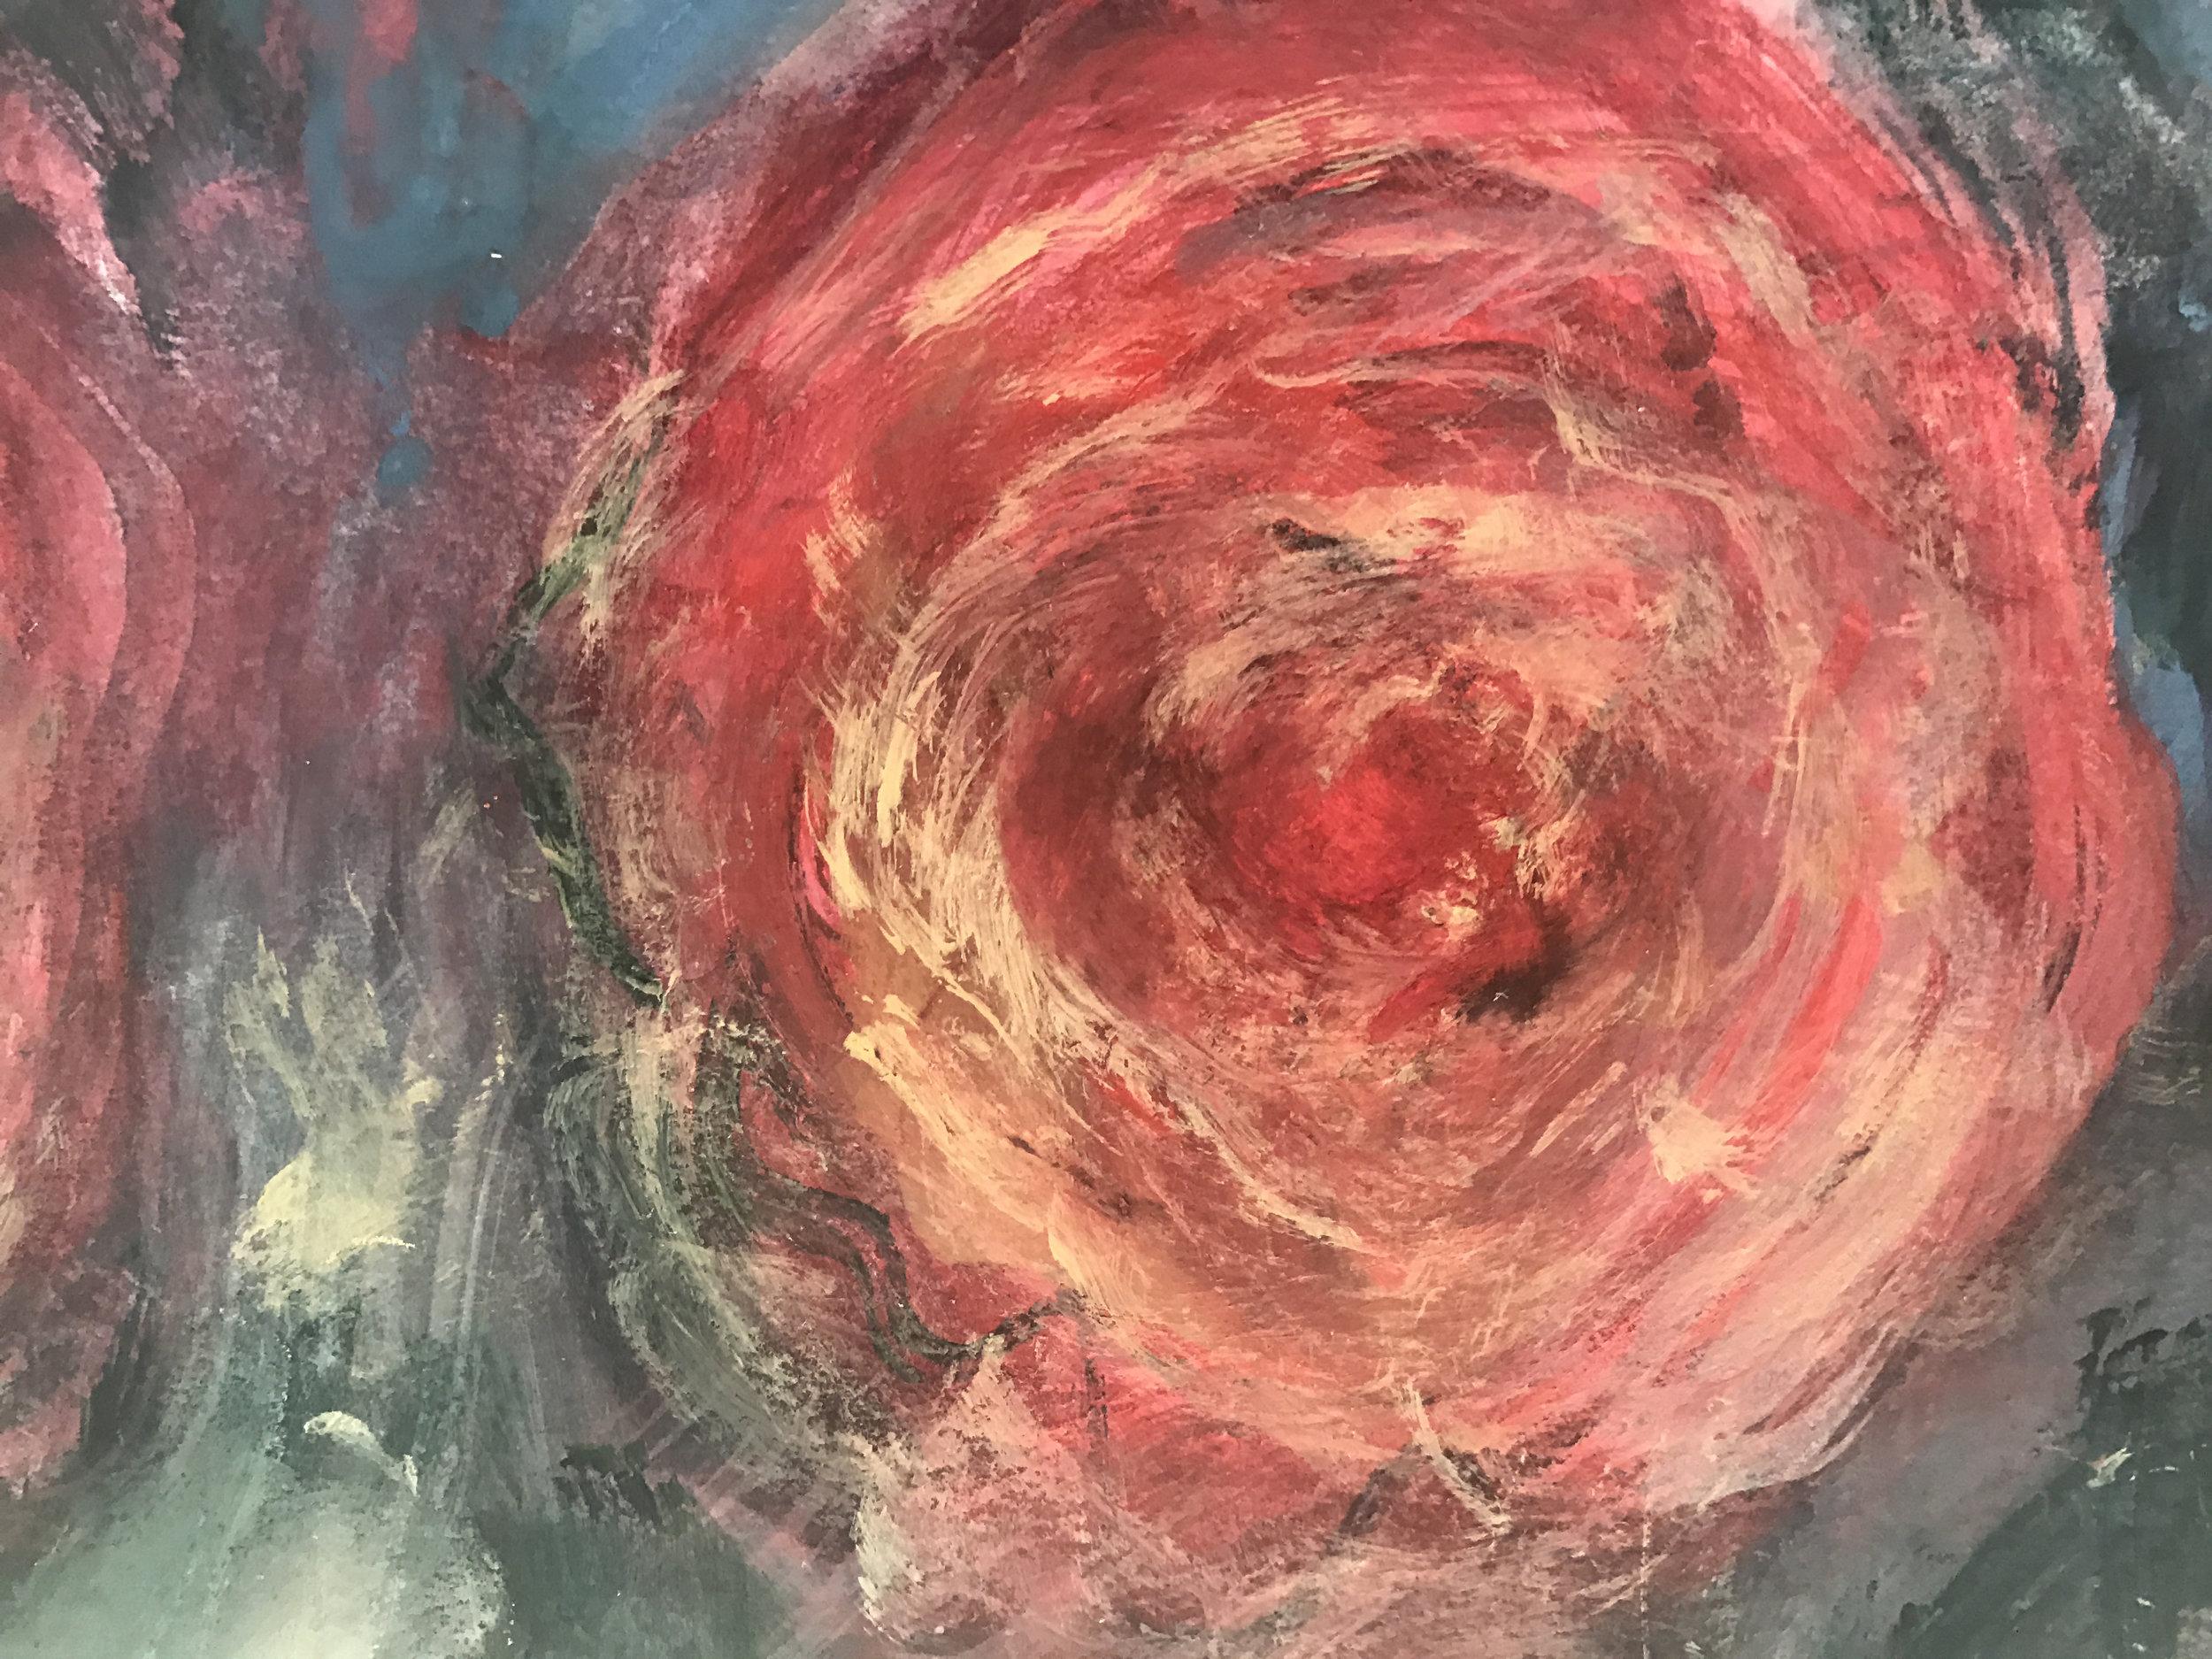 Painted rose 4.jpg